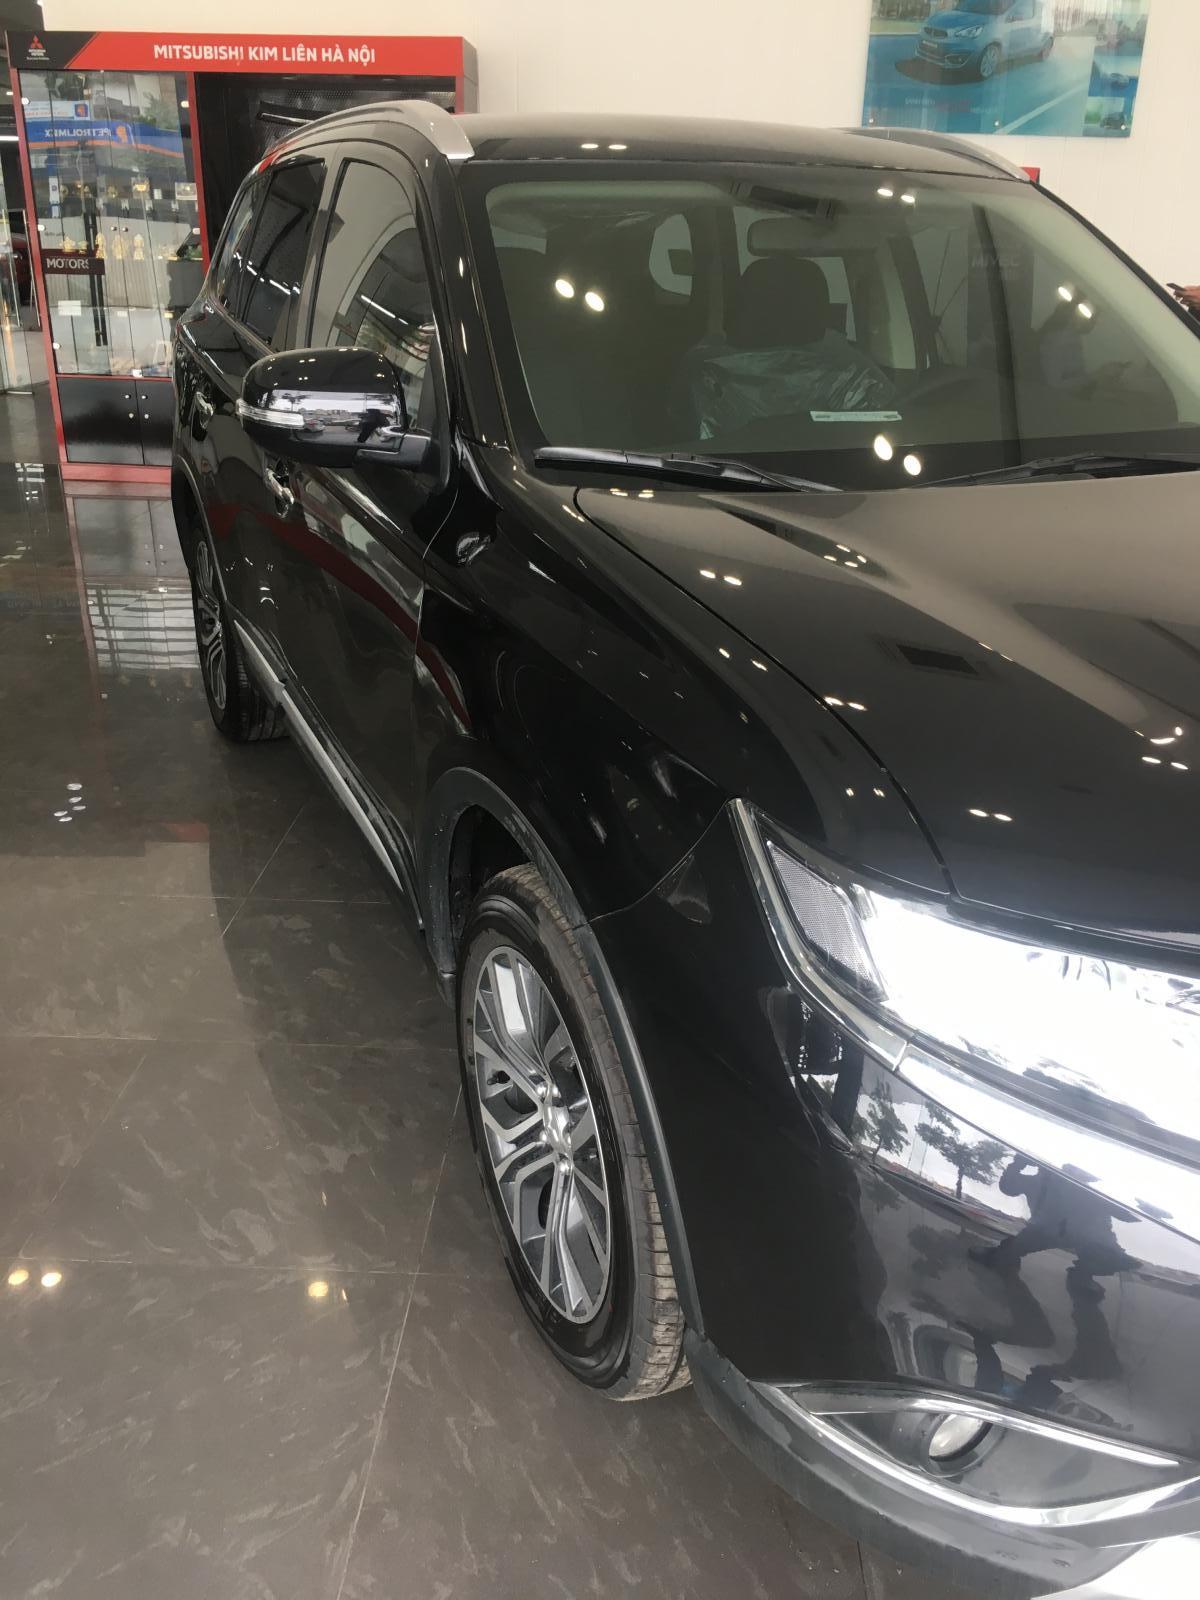 Mitsubishi Outlander 2.0 AT sx 2019 đủ màu, giao ngay. Liên hệ em Huy 098 2222 610 ngay để nhận giá tốt nhất